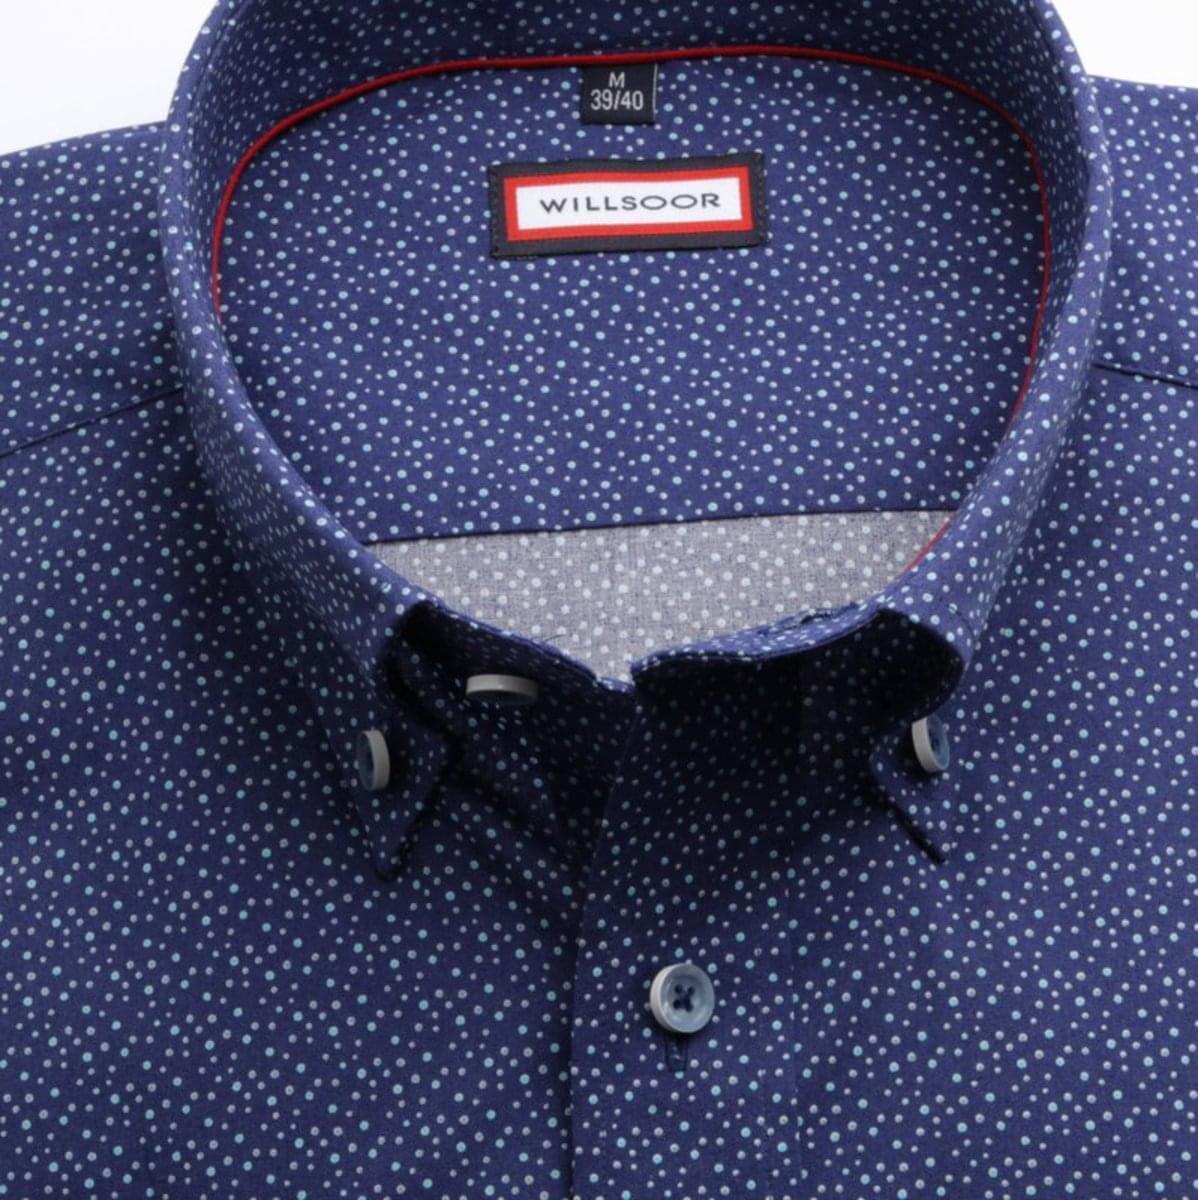 Pánská slim fit košile (výška 176-182) 7759 v modré barvě s úpravou easy care 176-182 / M (39/40)